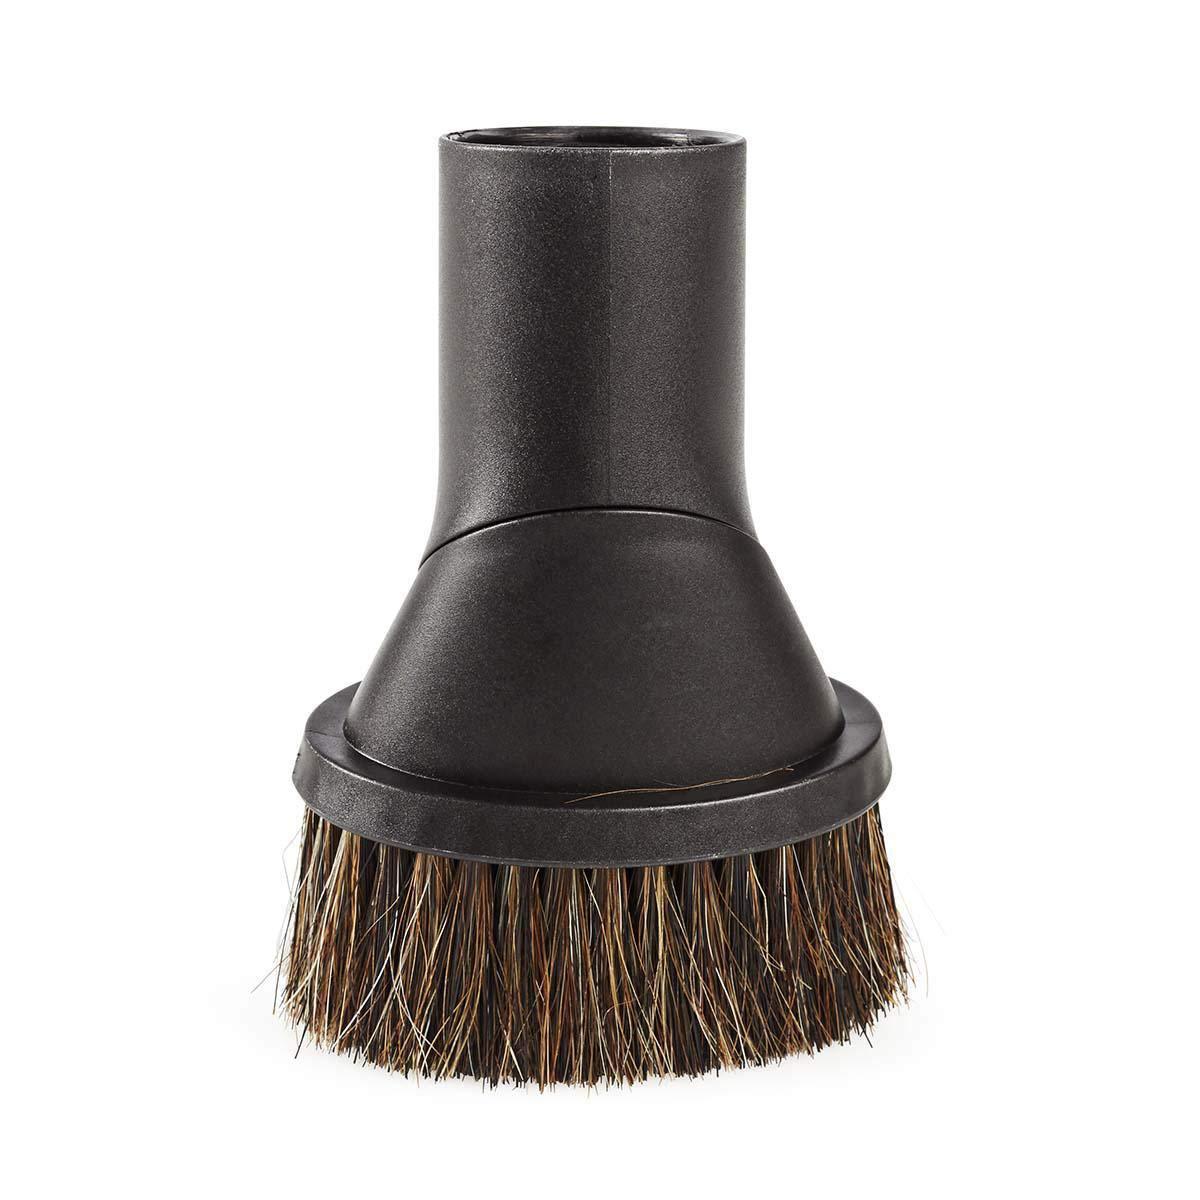 Maxorado - Cepillo para aspiradora (35 mm, Pelo Natural, Compatible con aspiradoras industriales Kärcher Bosch Einhell Masko Makita Tacklife Syntrox metabo: Amazon.es: Hogar